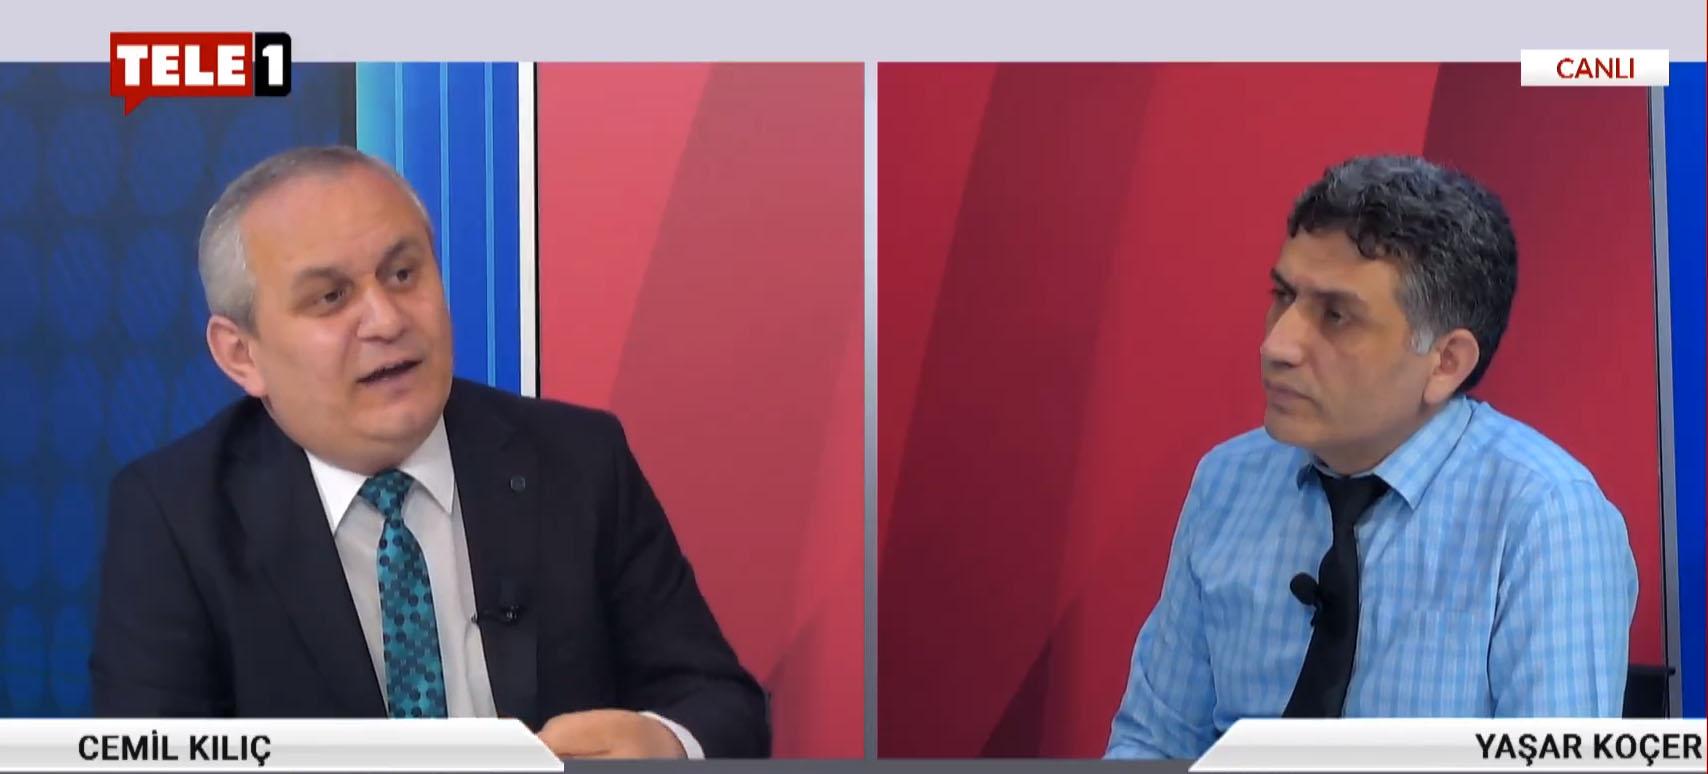 İlahiyatçı Cemil Kılıç: Z kuşağının yüzde 77'si cumhur ittifakına oy vermem diyor!